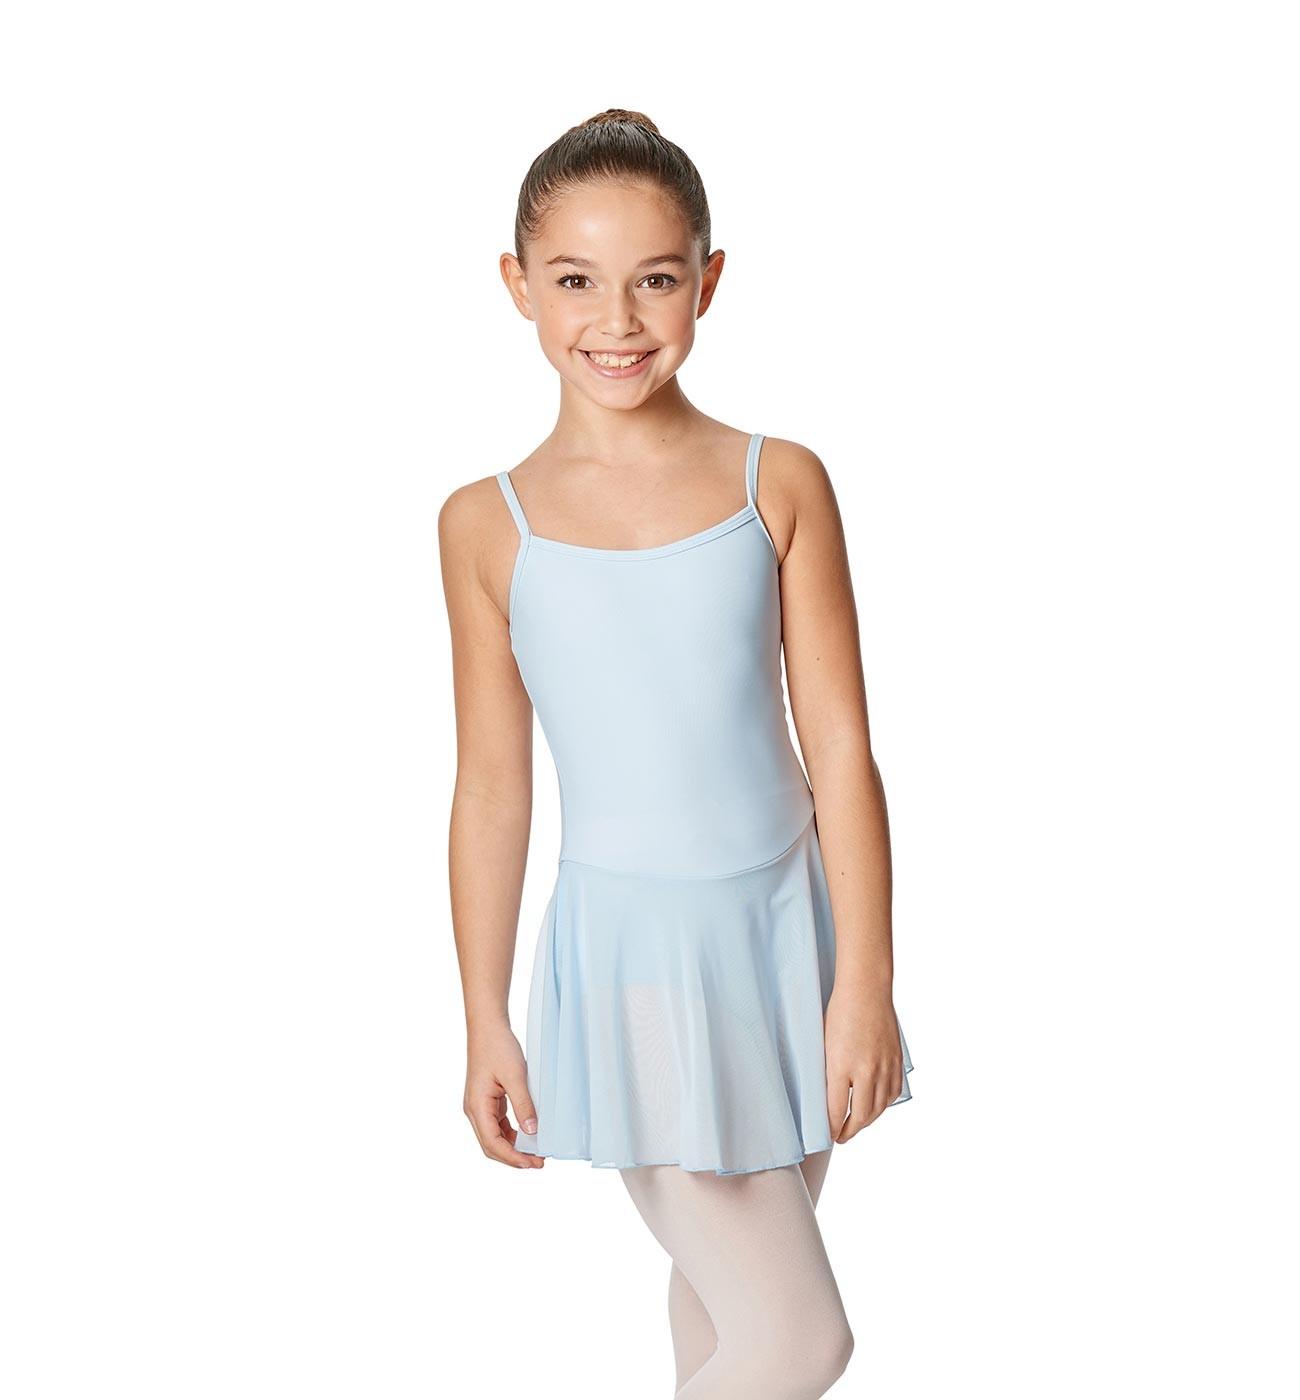 תכלת שמלה לילדות Lillian של Lulli כתפיות דקות וחצאית LUB254C